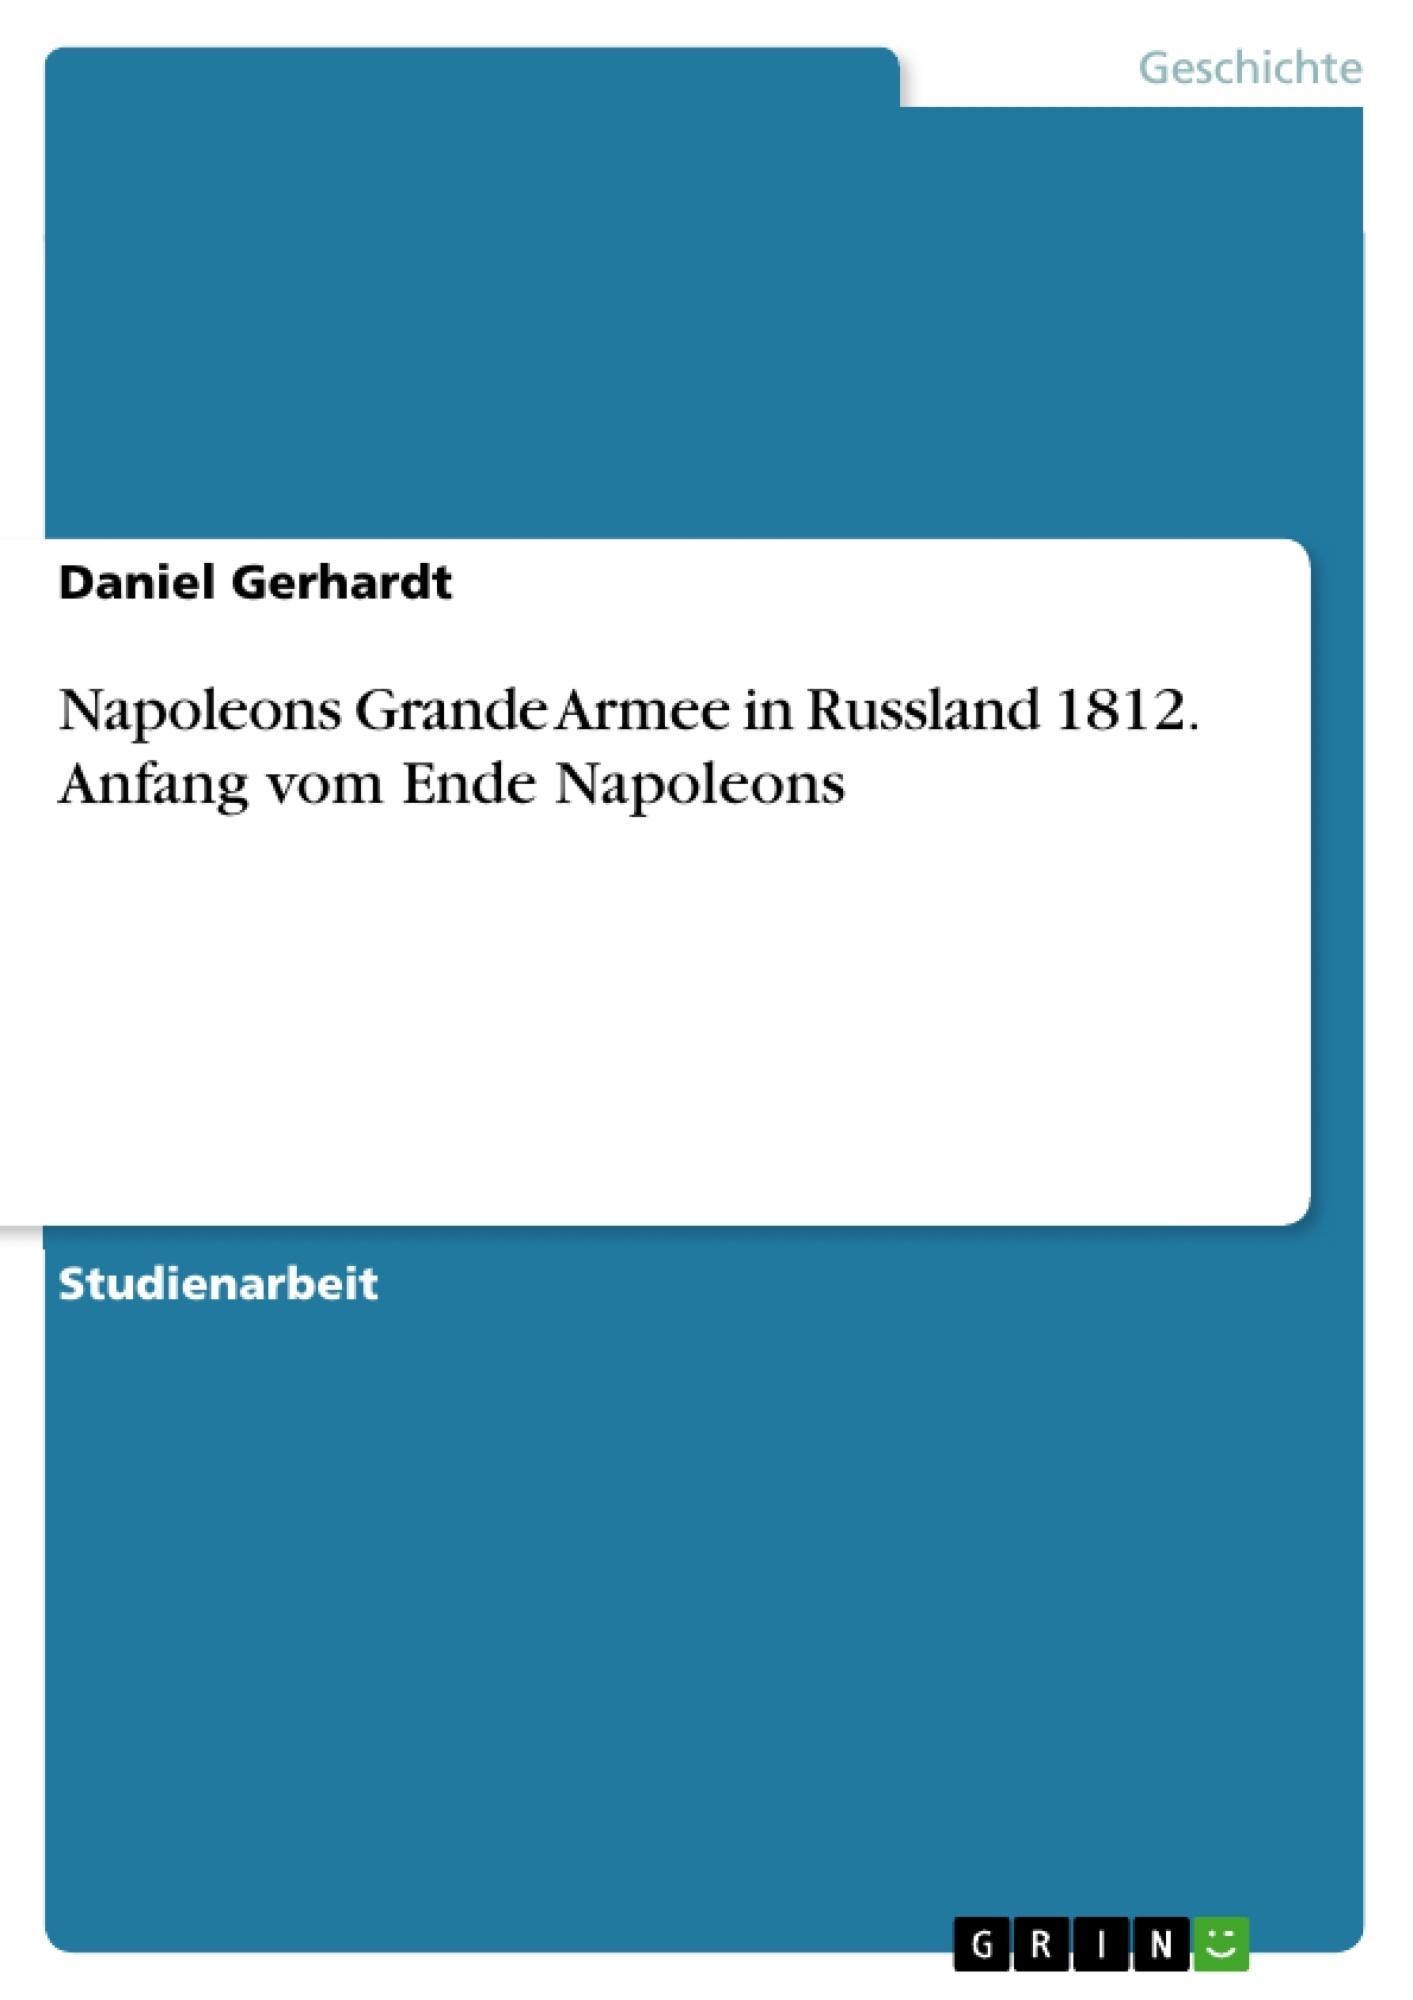 Titel: Napoleons Grande Armee in Russland 1812. Anfang vom Ende Napoleons